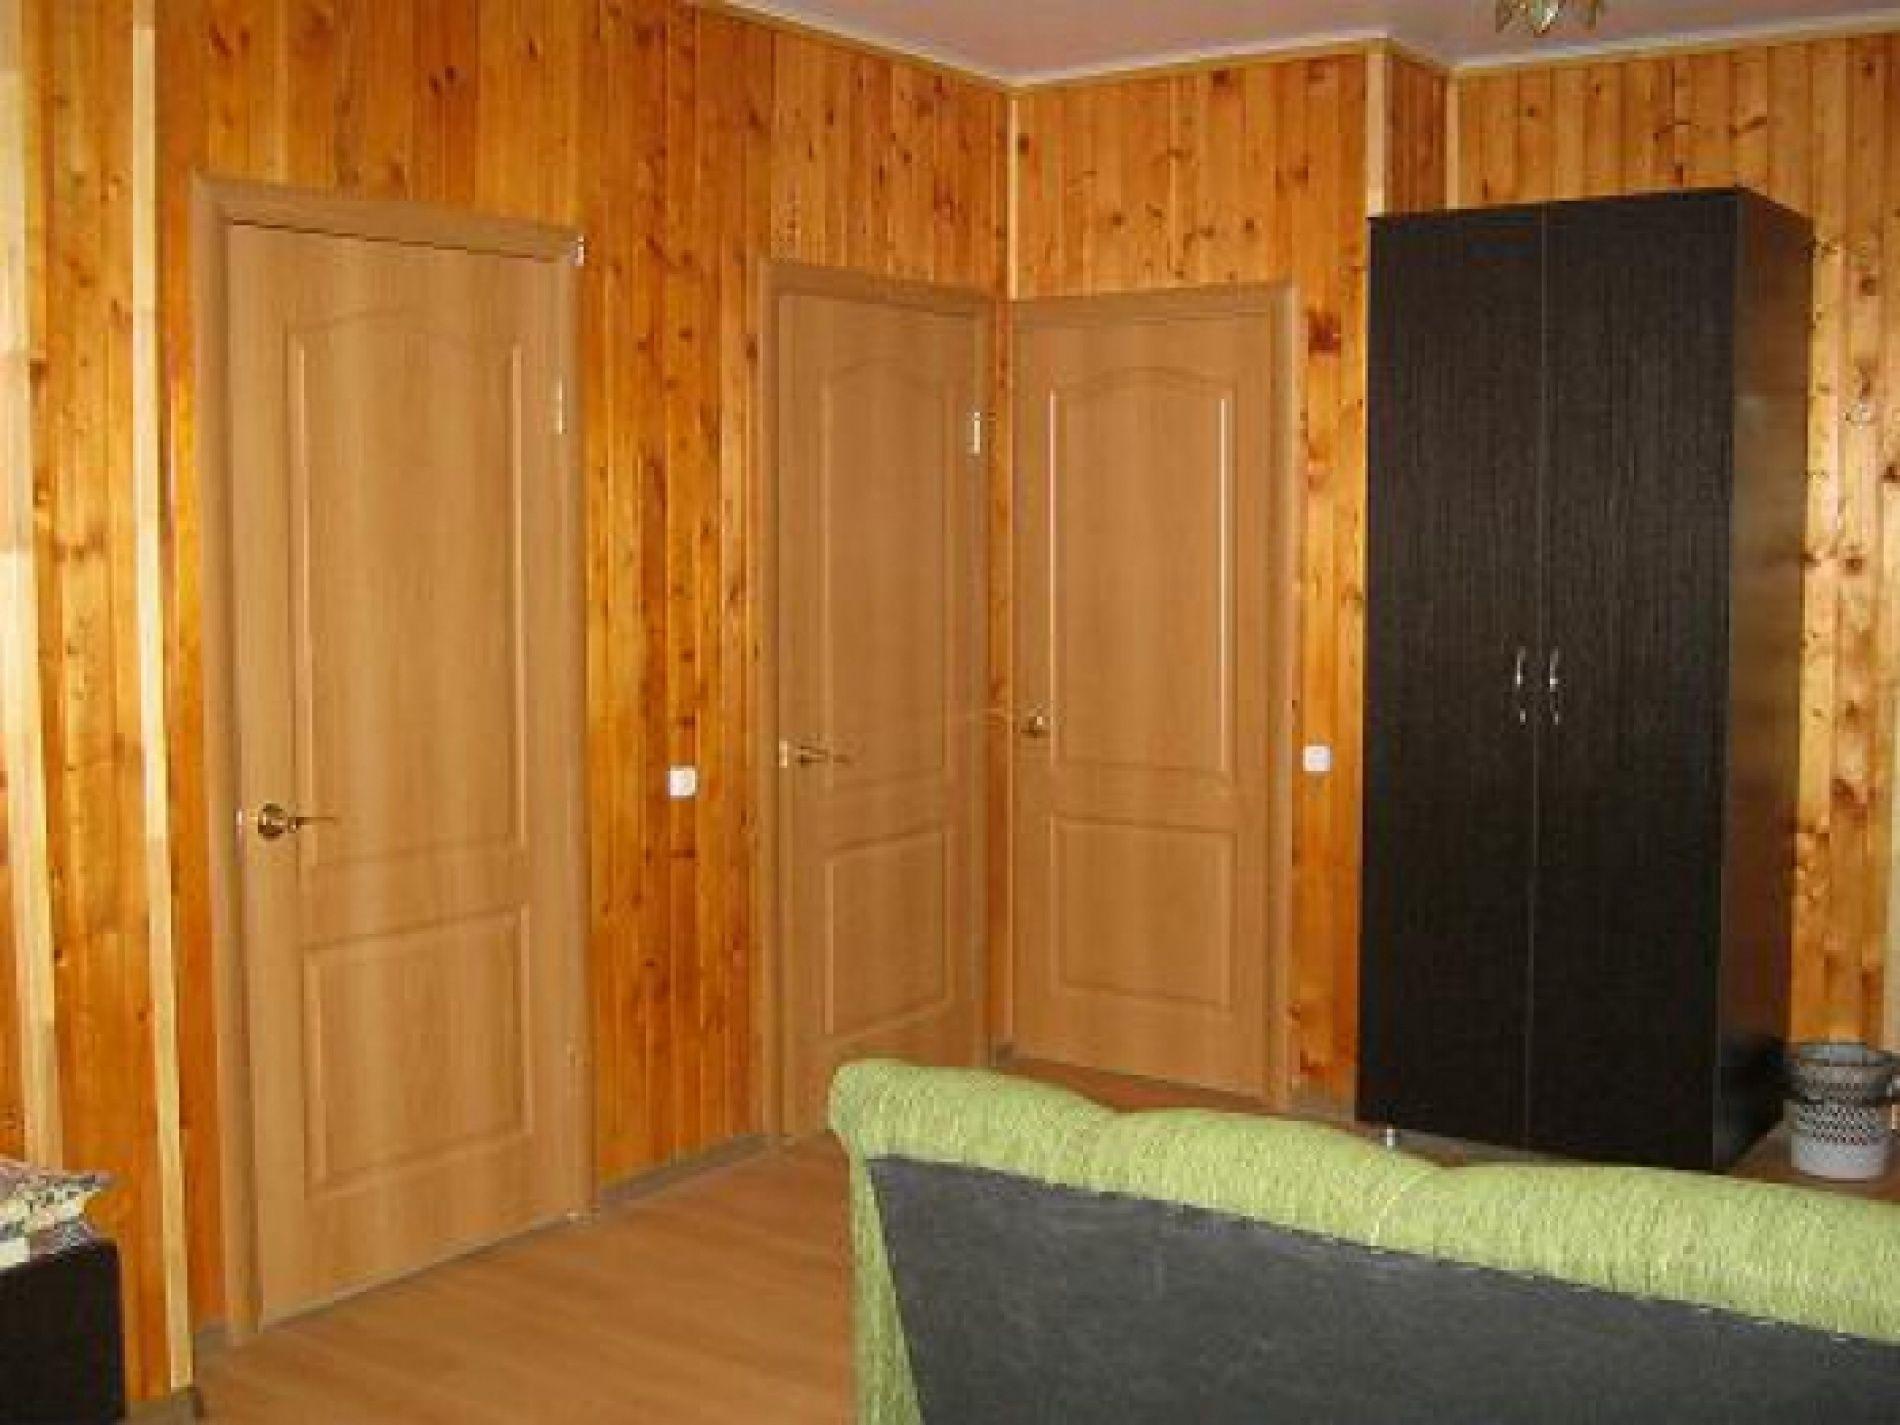 """База отдыха """"Клёвый берег"""" Астраханская область 1-комнатный 5-местный (расширенный) номер стандарт, фото 7"""